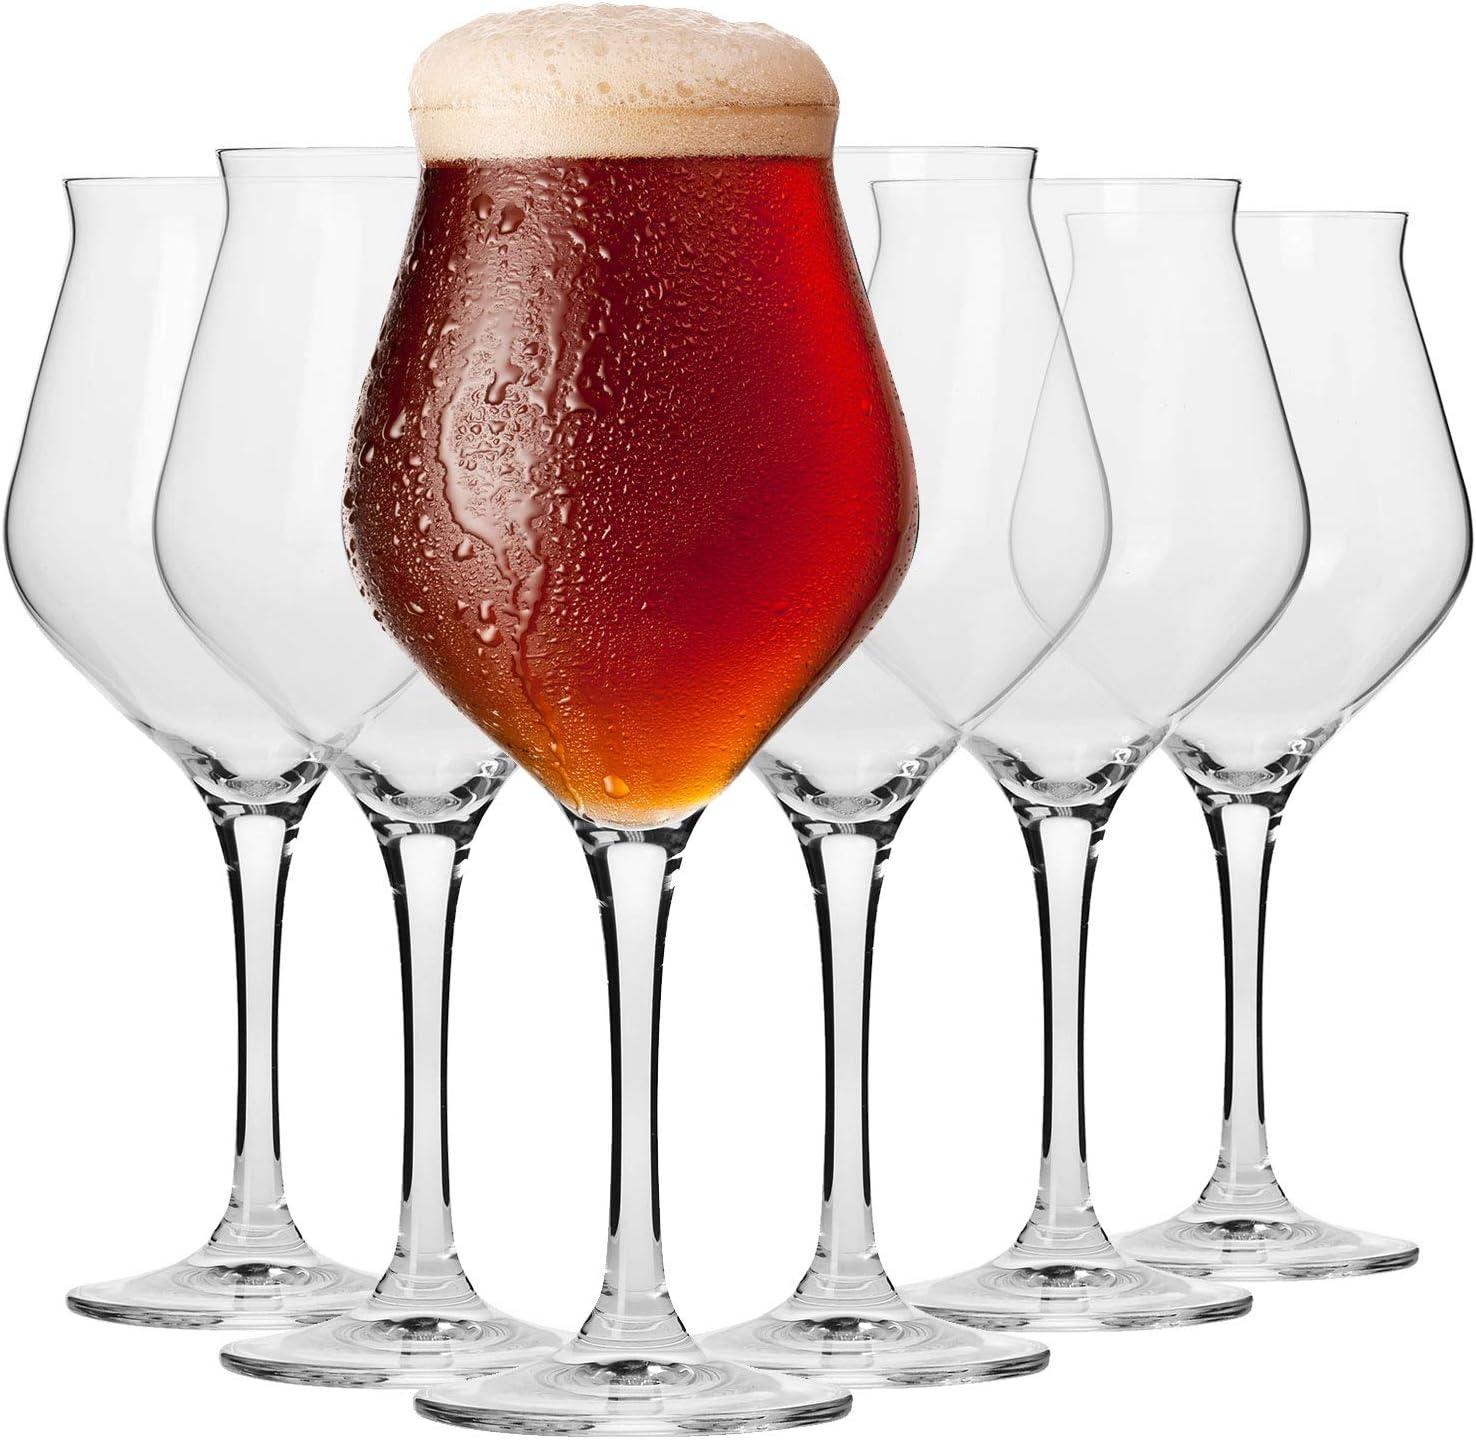 Krosno Copas de Cerveza | Conjunto 6 Piezas | 420 ML | Avant-Garde Collection Uso en Casa, Restaurante y en Fiestas | Apto para Microondas y Lavavajillas